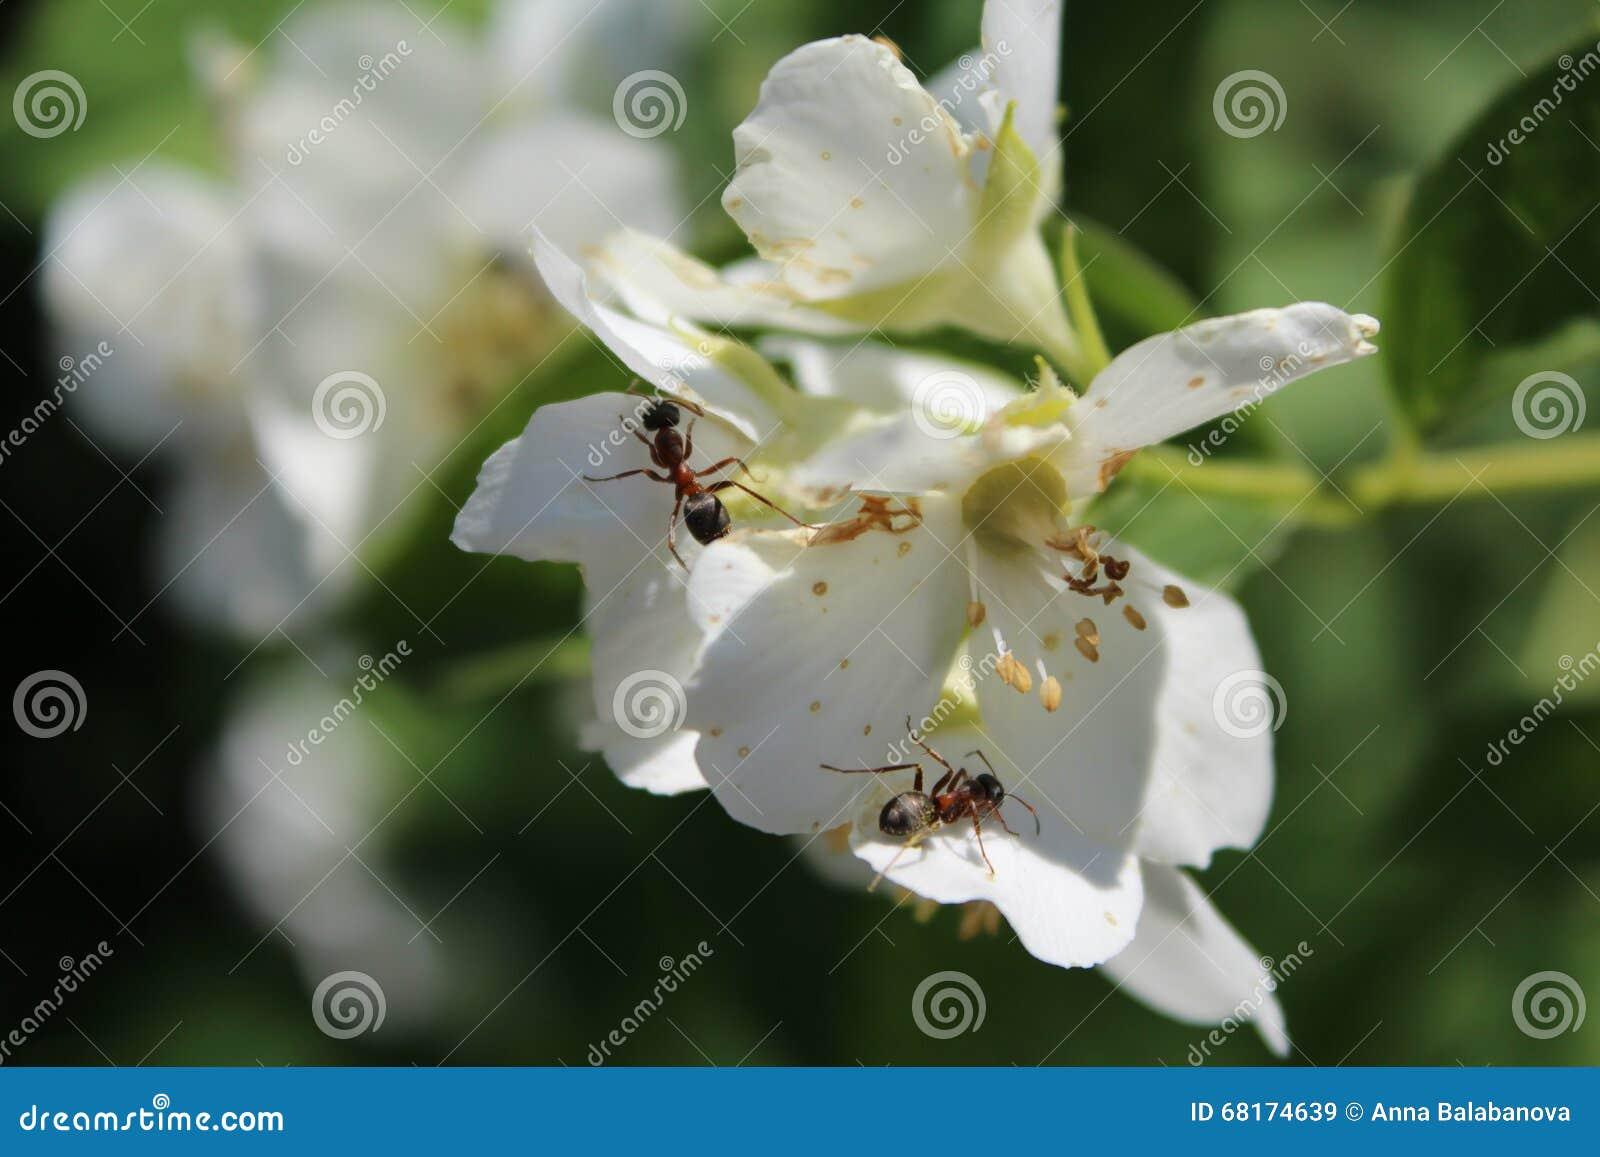 Flores Blancas Y Hormigas En El Jardín Imagen de archivo - Imagen de ...